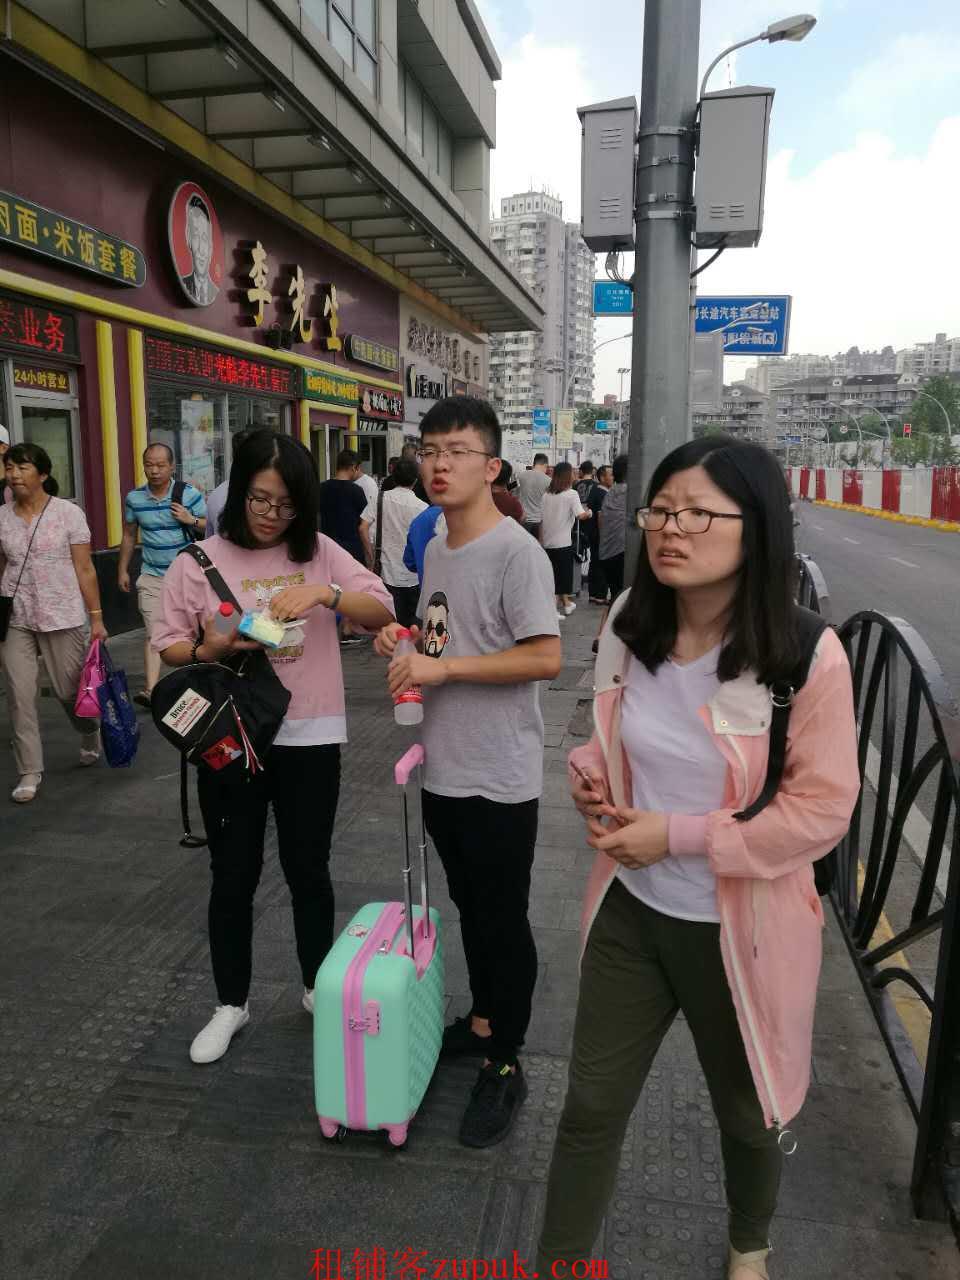 浦江沿街商铺出租,执照齐全,早餐混沌麻辣烫外卖等